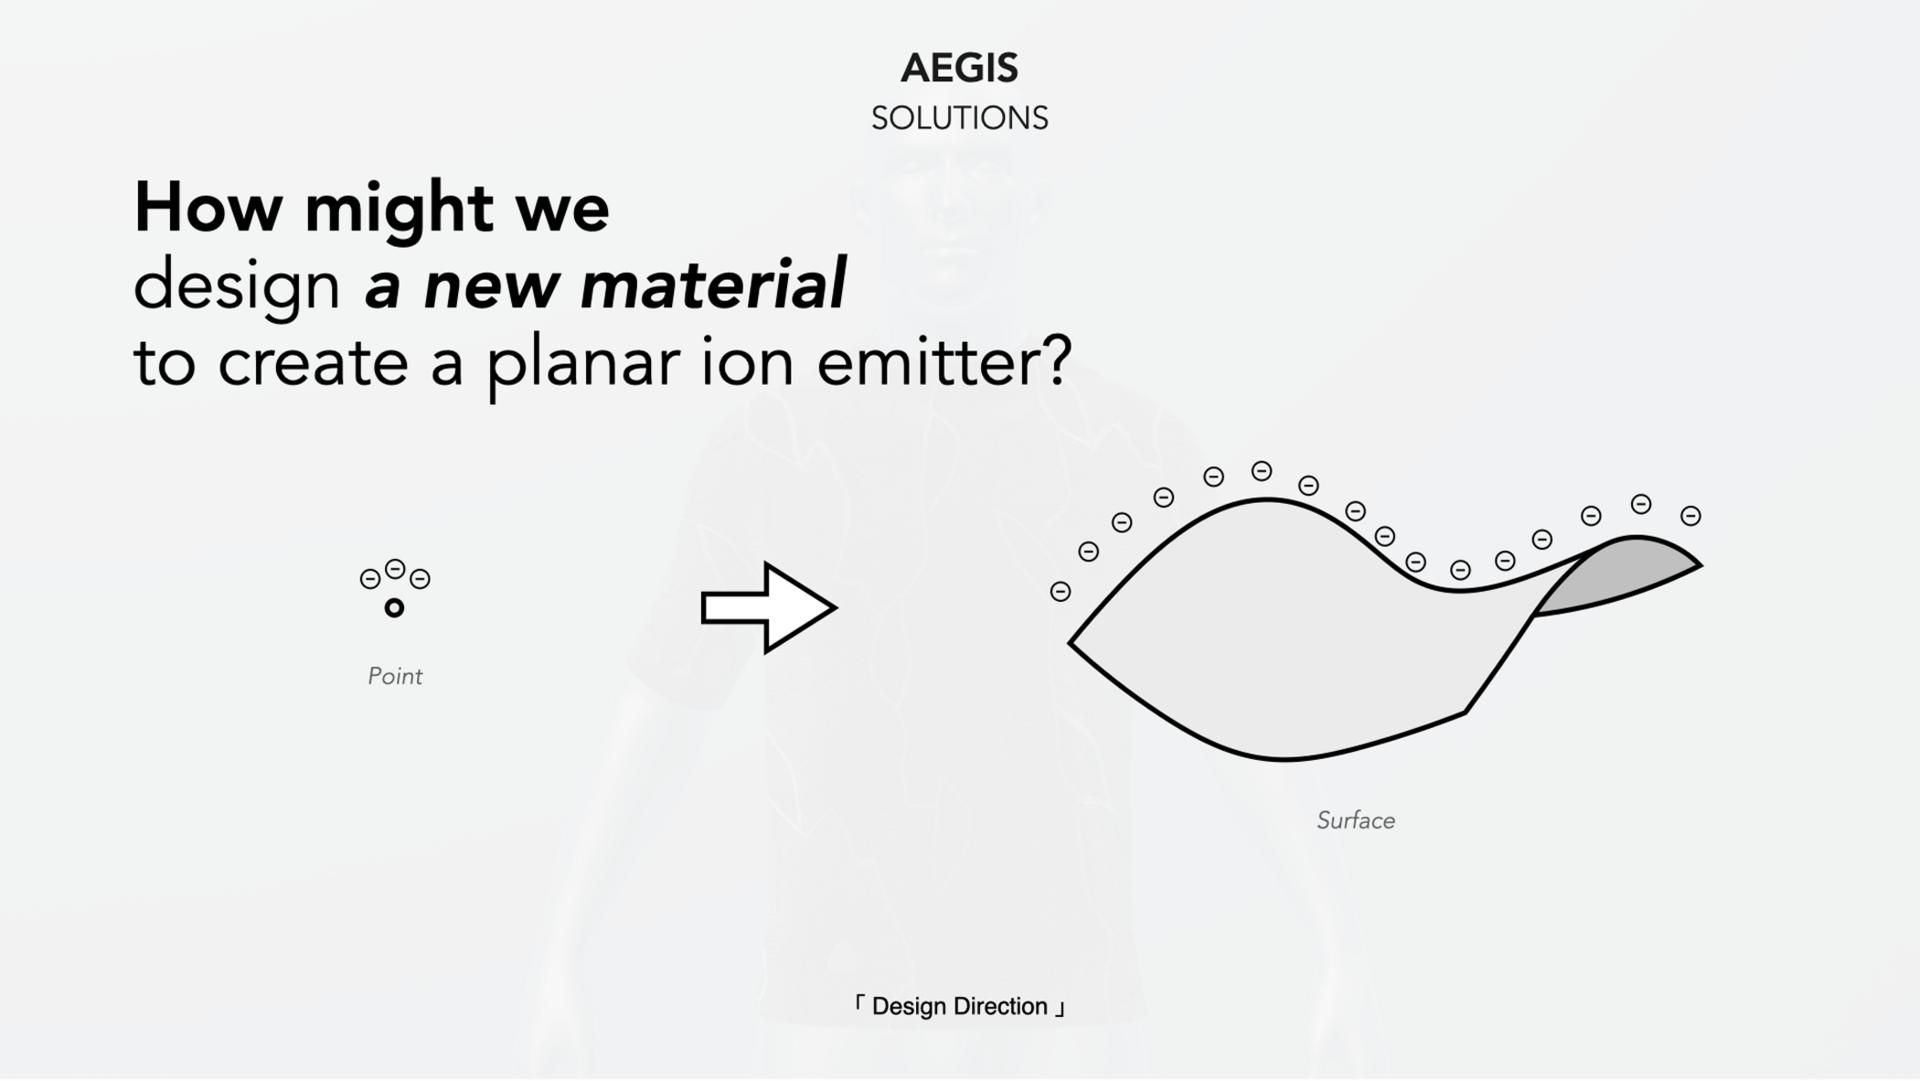 AEGIS: How might we...?